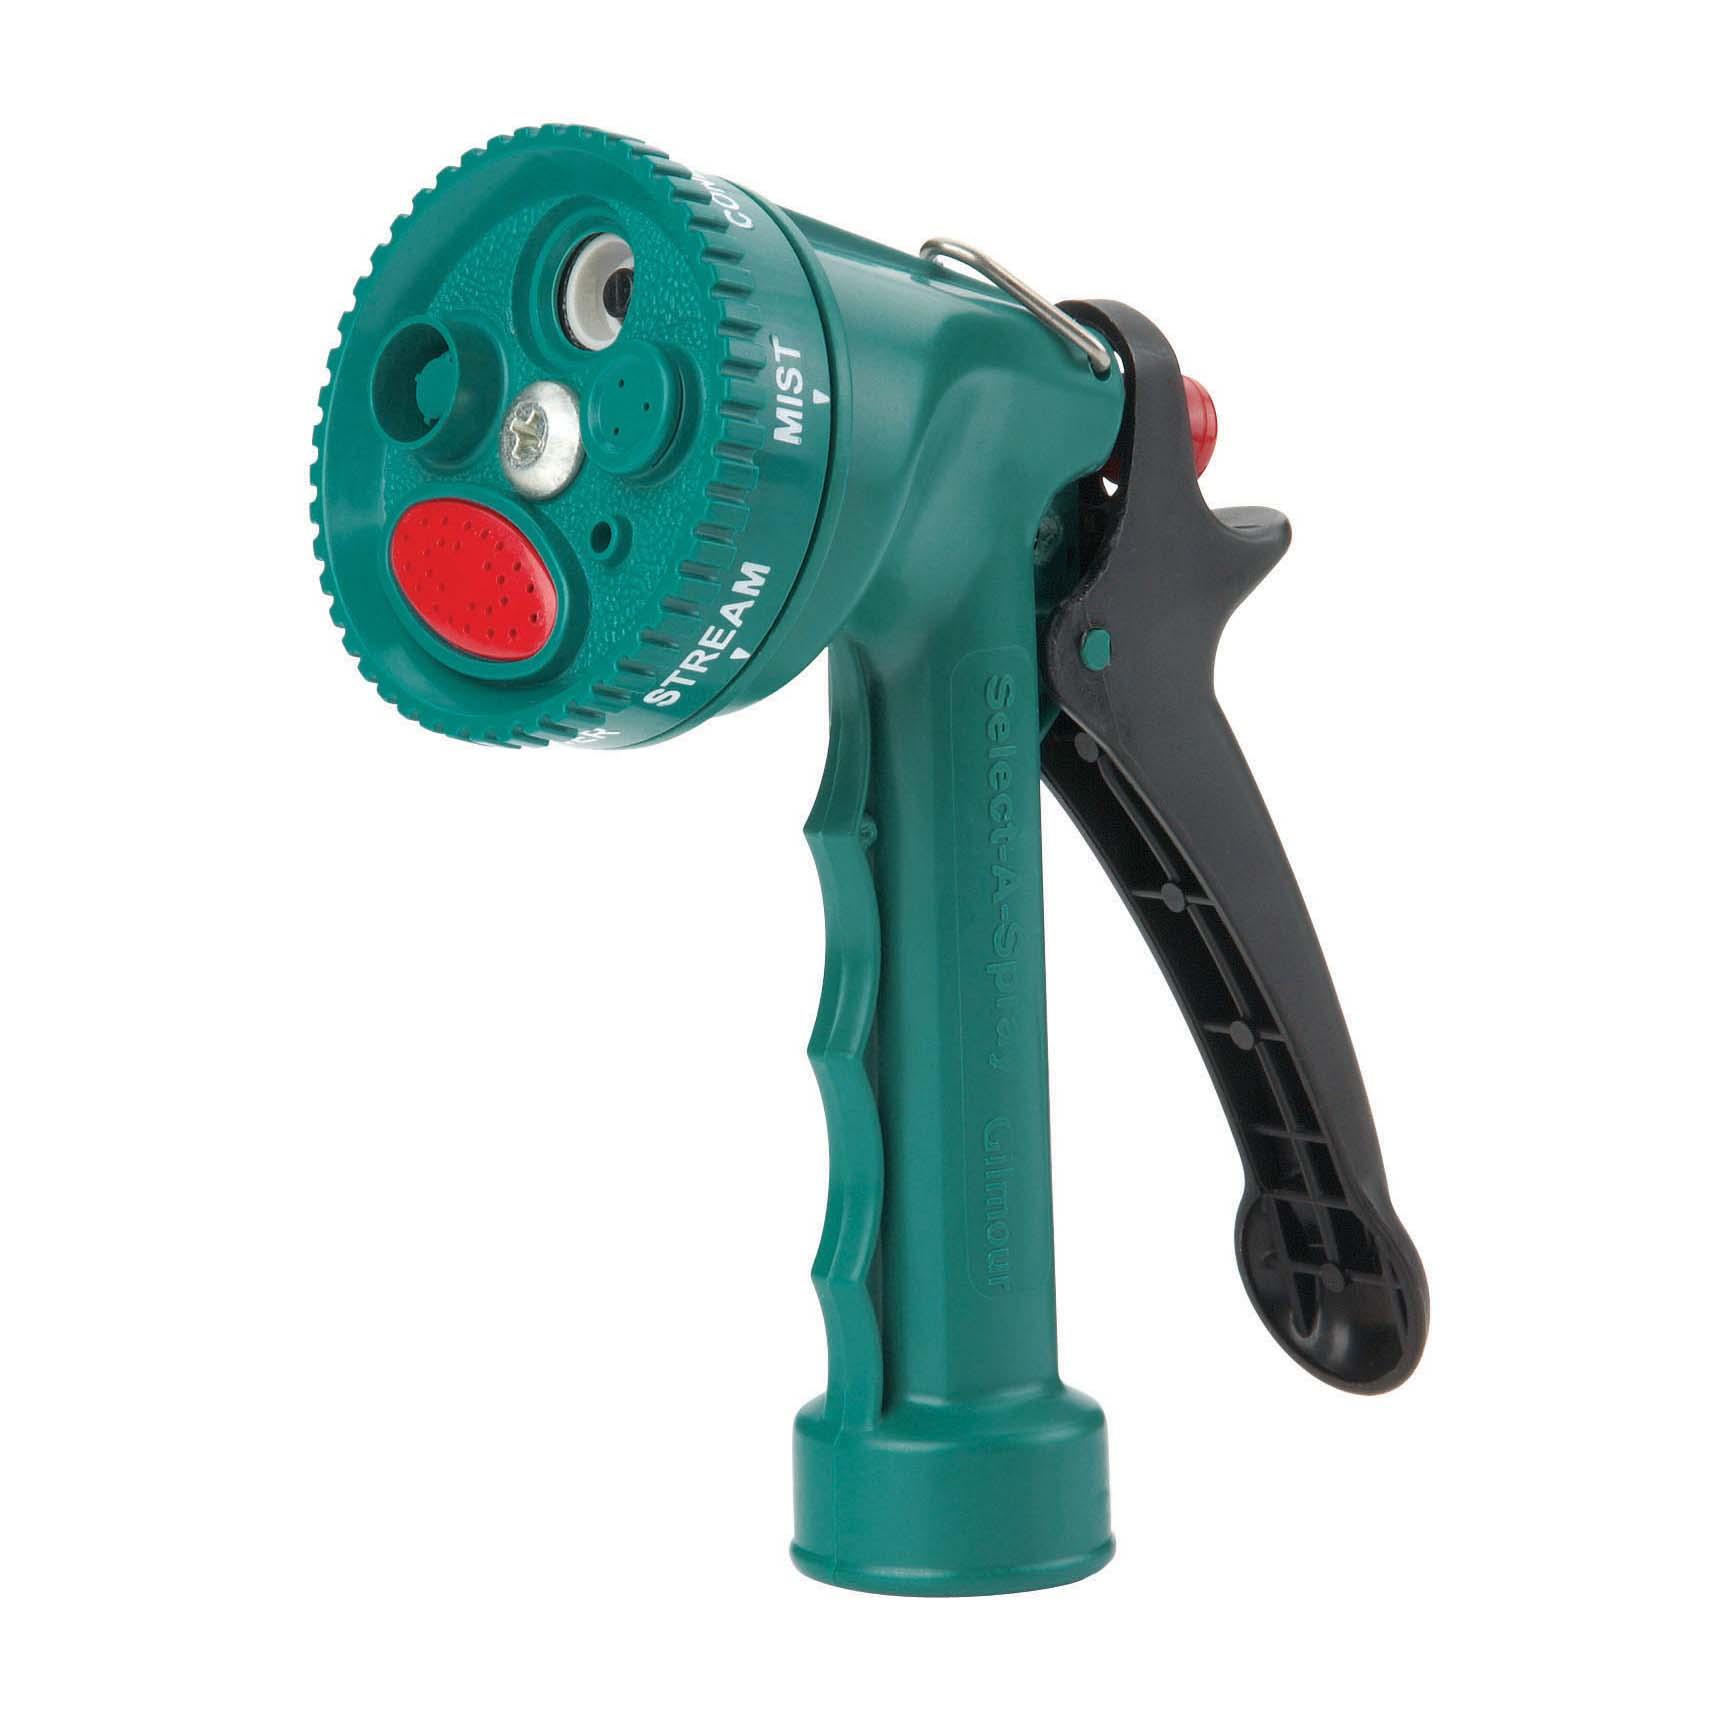 Pistola plástica de 5 posiciones para manguera de jardín color verde GILMOUR